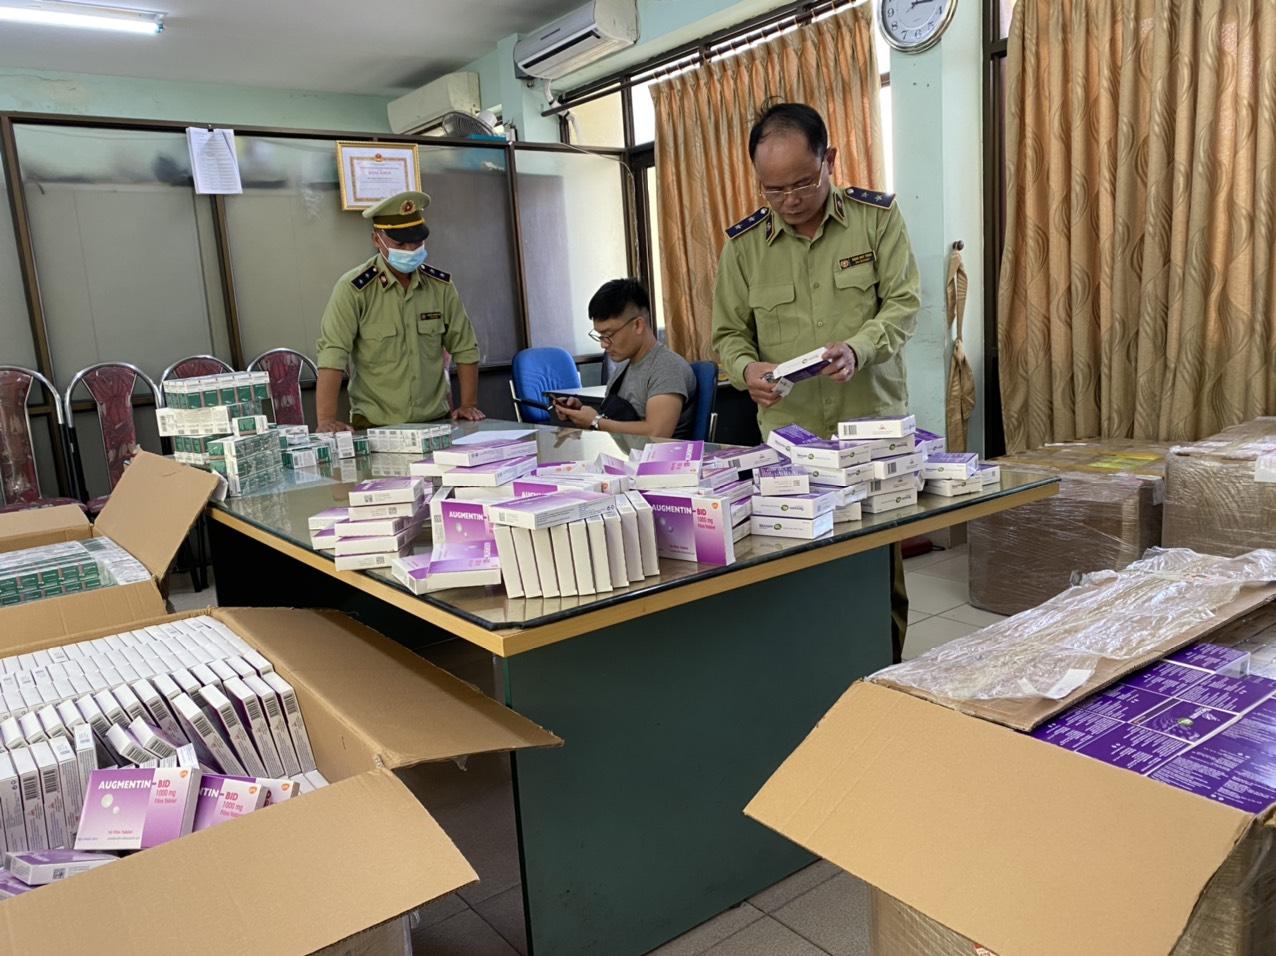 Mua thuốc trị thận, kháng sinh trên tài khoản ảo rồi phân phối cho các nhà thuốc